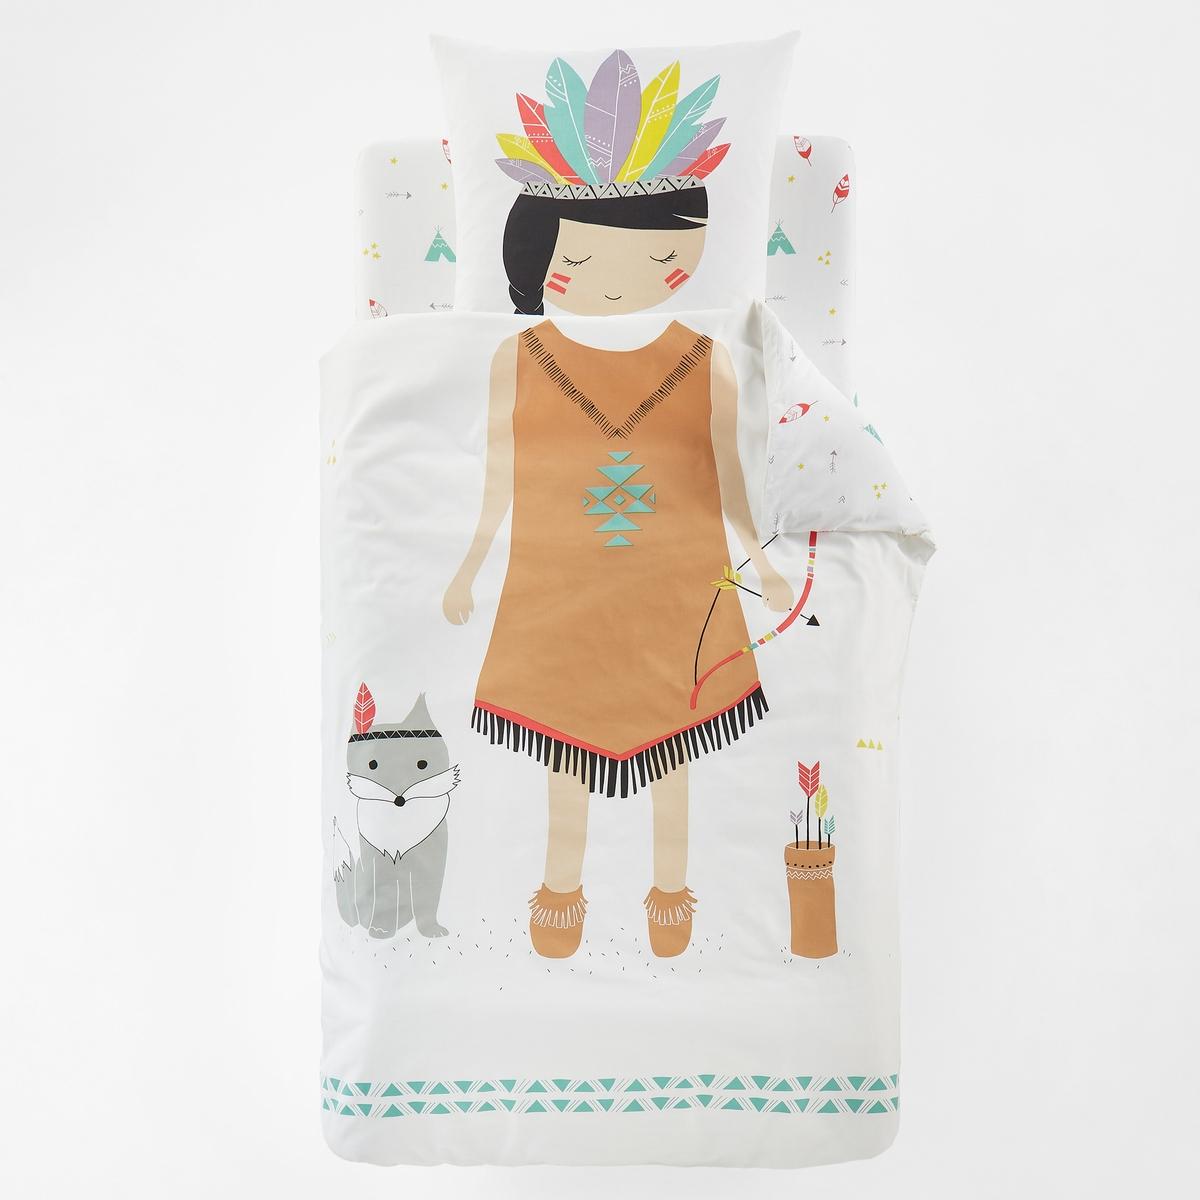 Пододеяльник с рисунком ANOUKОписание:Пододеяльник с рисунком, 100% хлопок, ANOUK. Какая девочка не мечтает стать маленькой индейкой с длинной косой и цветными перьями. Очаровательное постельное белье!   Характеристики пододеяльника ANOUK :Набивной рисунок индейка на белом фоне на лицевой стороне, мелкий рисунок с индейскими мотивами на белом фоне на оборотной сторонеКлапан для заправки под матрас100% хлопок, 57 нитей/см? (Чем больше количество нитей/см?, тем выше качество ткани)Легкость ухода.   Машинная стирка при 60°Для создания полного персонажа маленькой индейки, откройте для себя коллекцию постельного белья Anouk из 100% хлопка с рисунком на сайте  laredoute.ru Знак Oeko-Tex® гарантирует, что товары прошли проверку и были изготовлены без применения вредных для здоровья человека веществ Размеры :140 x 200 см<br><br>Цвет: рисунок разноцветный